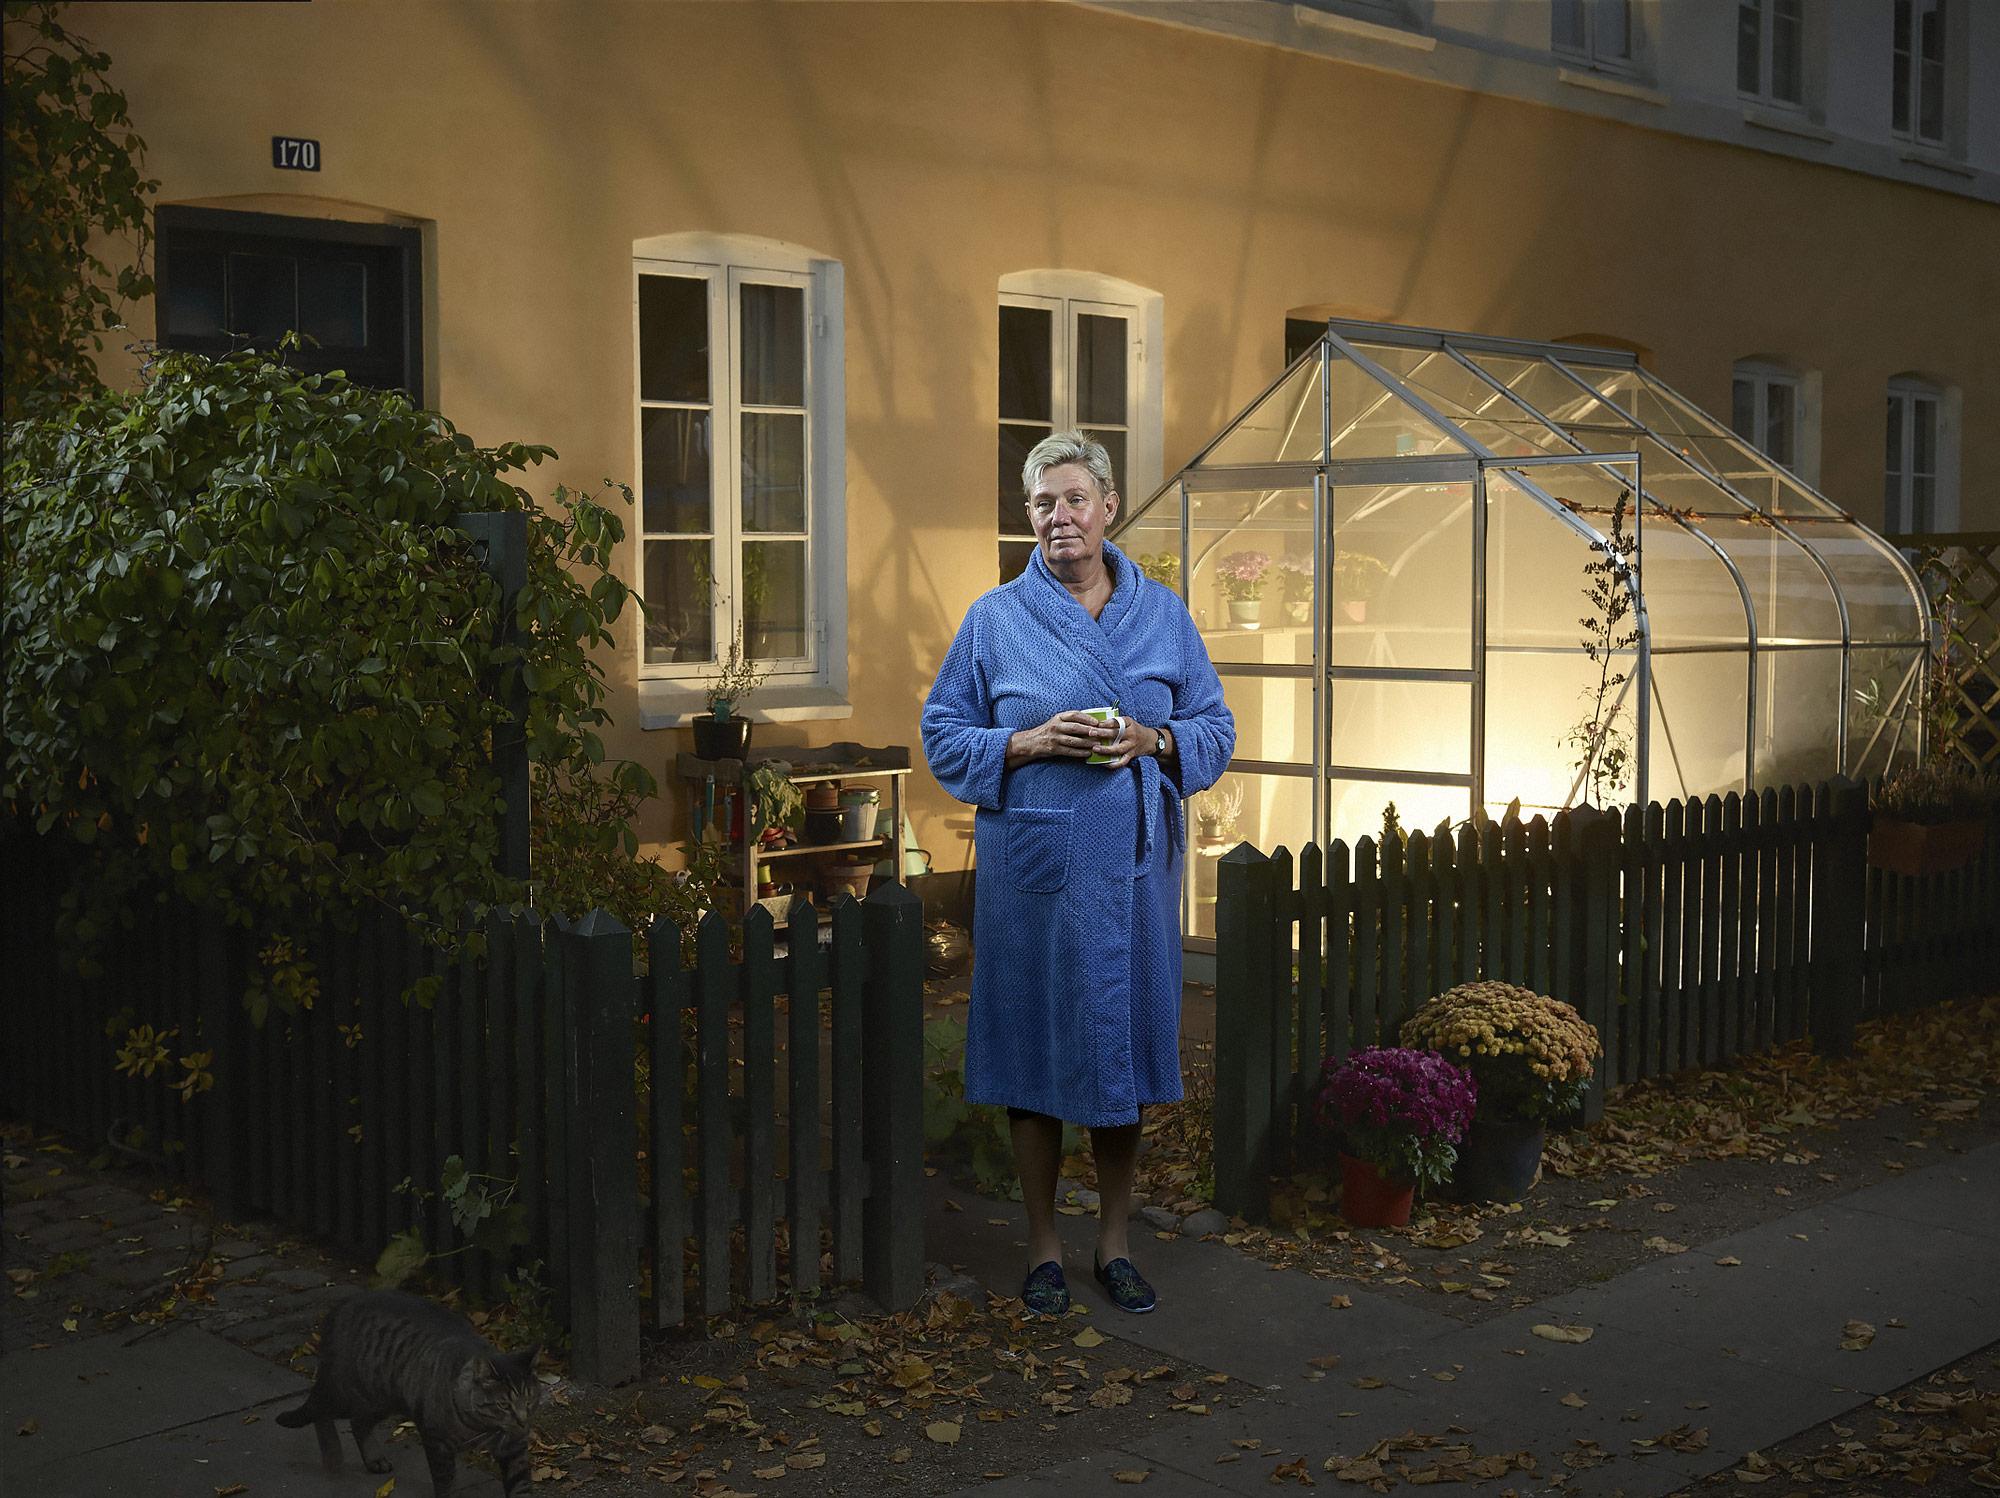 JannieMadsen